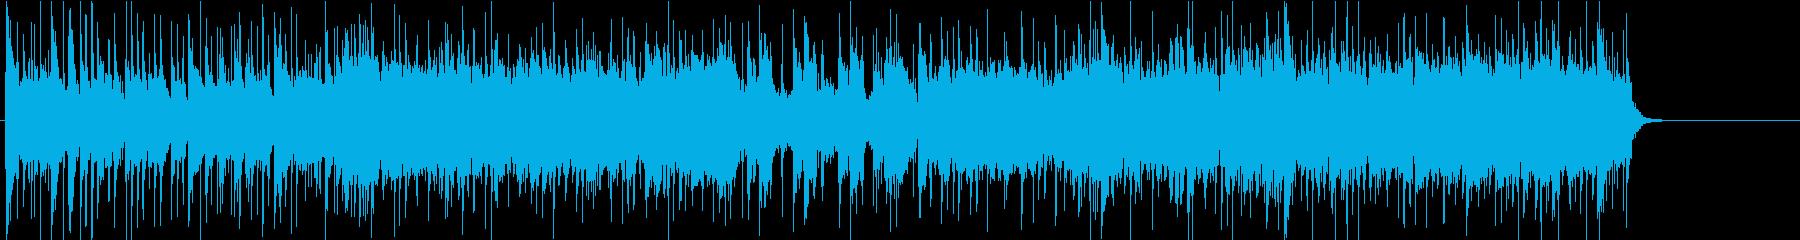 都会 大人 情報 CM 店内 テーマの再生済みの波形